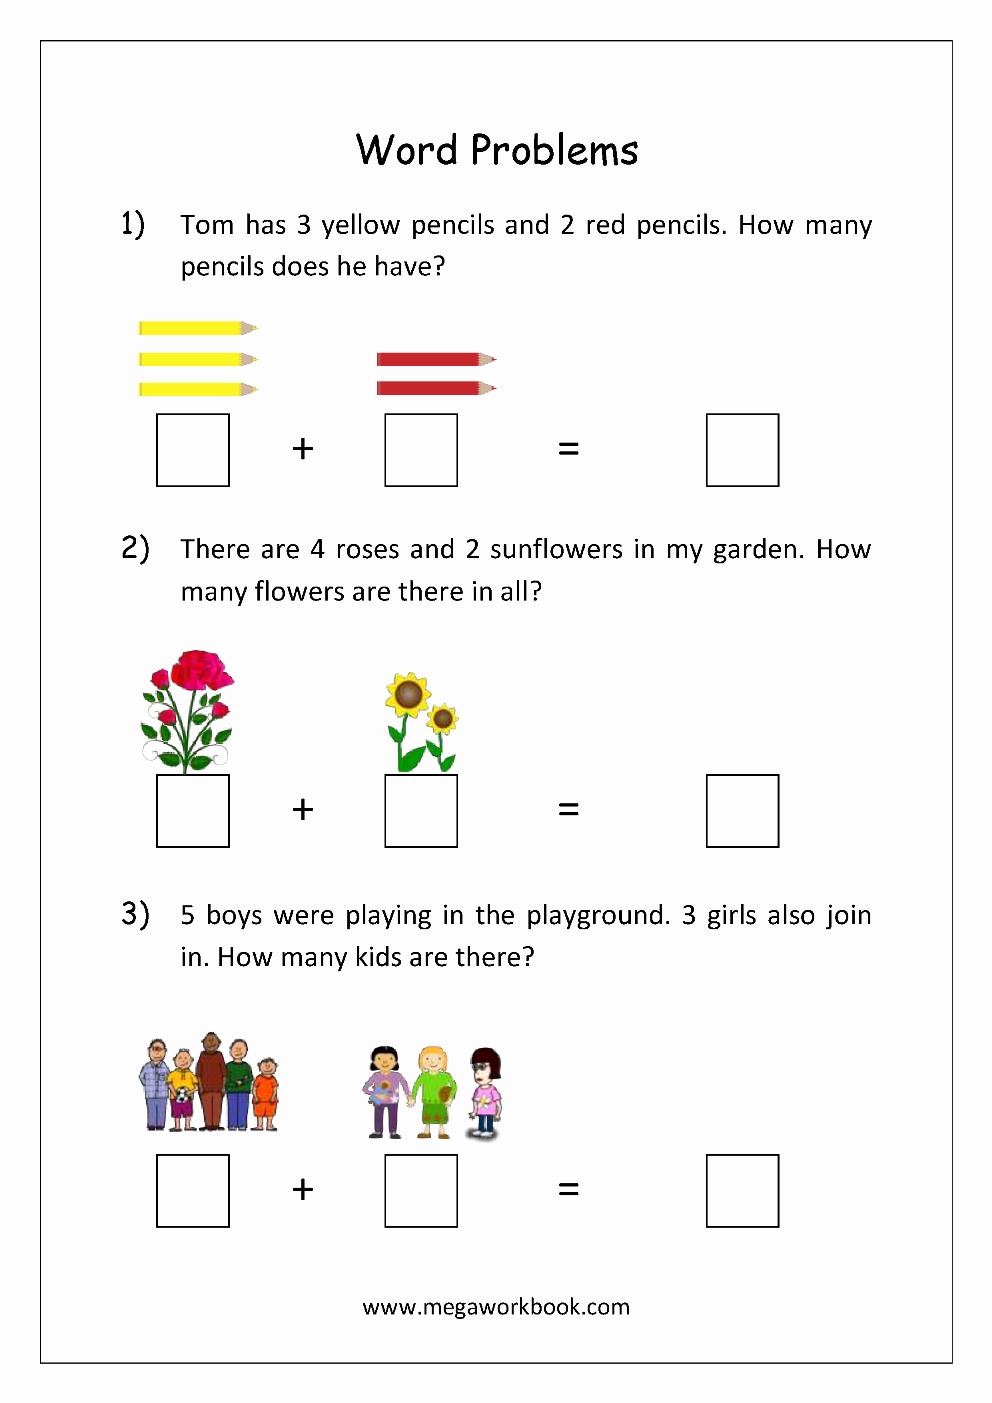 Kindergarten Addition Word Problems Worksheets New Addition and Subtraction Word Problems Worksheets for